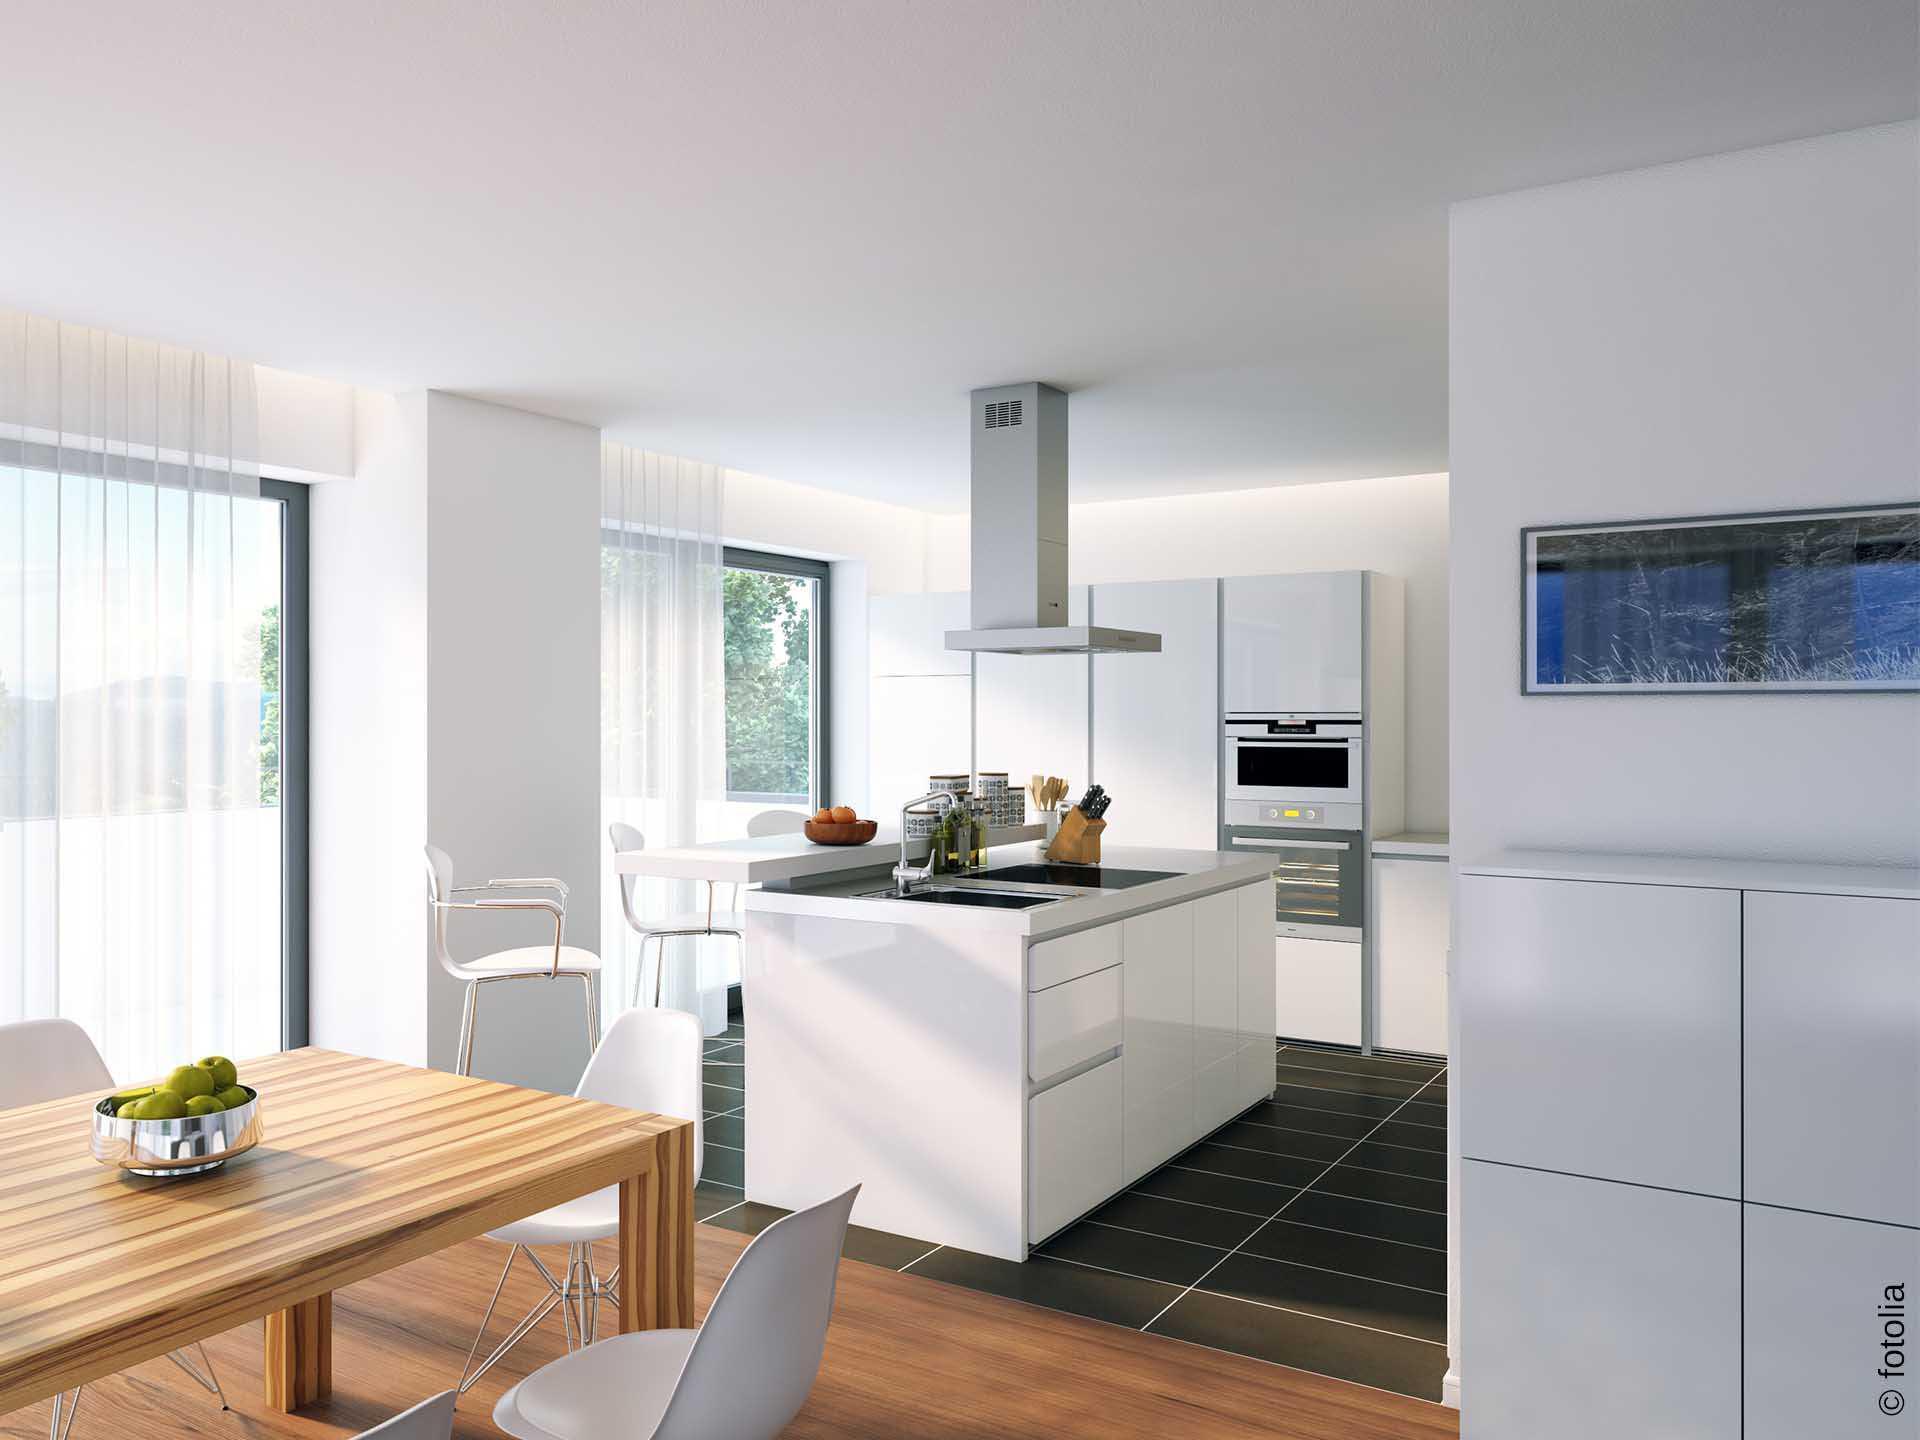 KÜCHEN: Küchenvergleich